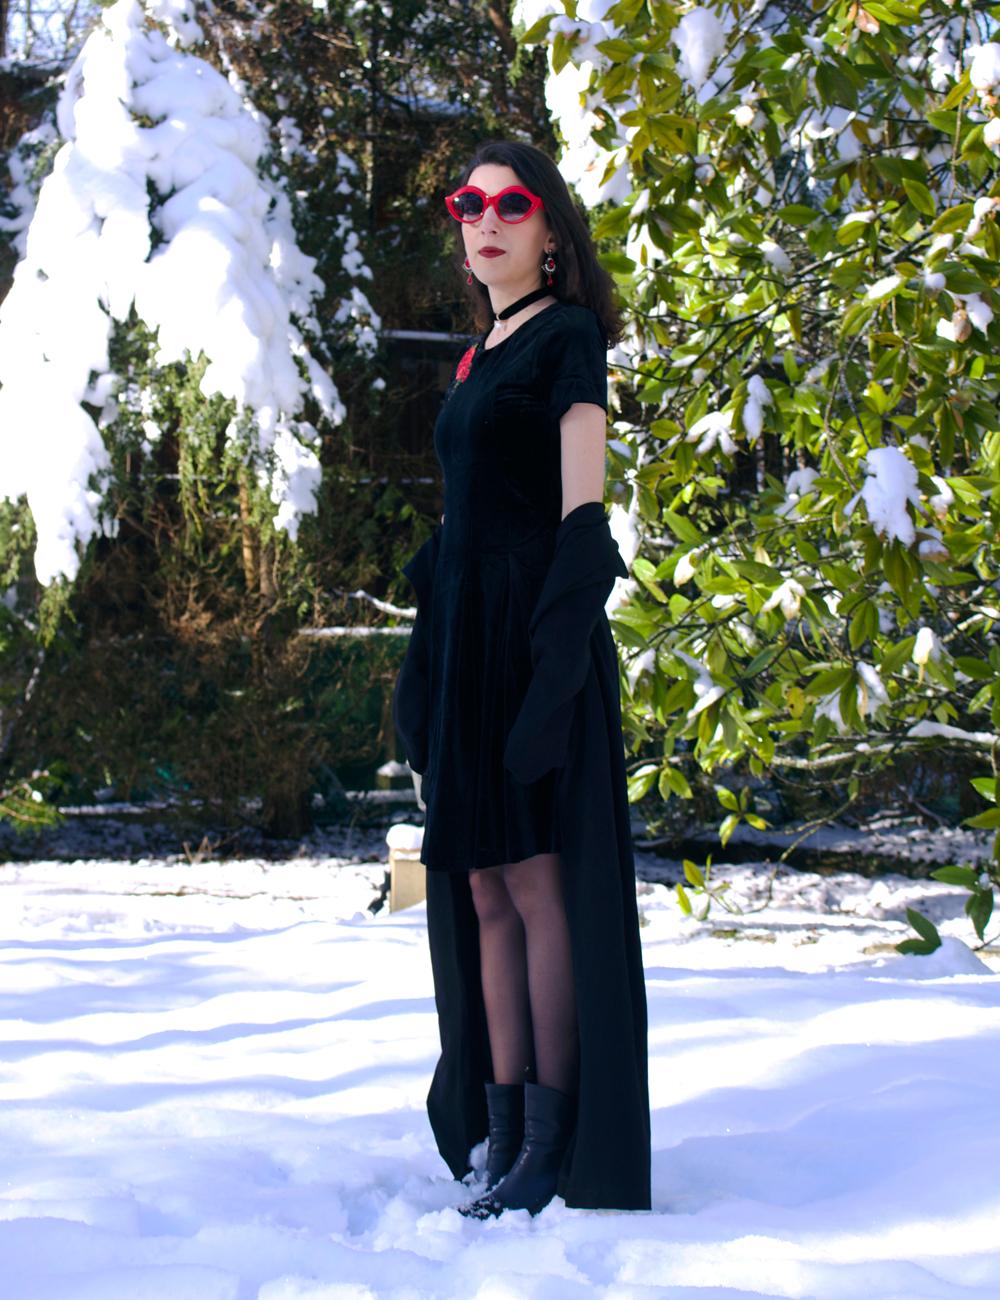 Fashion Gothic